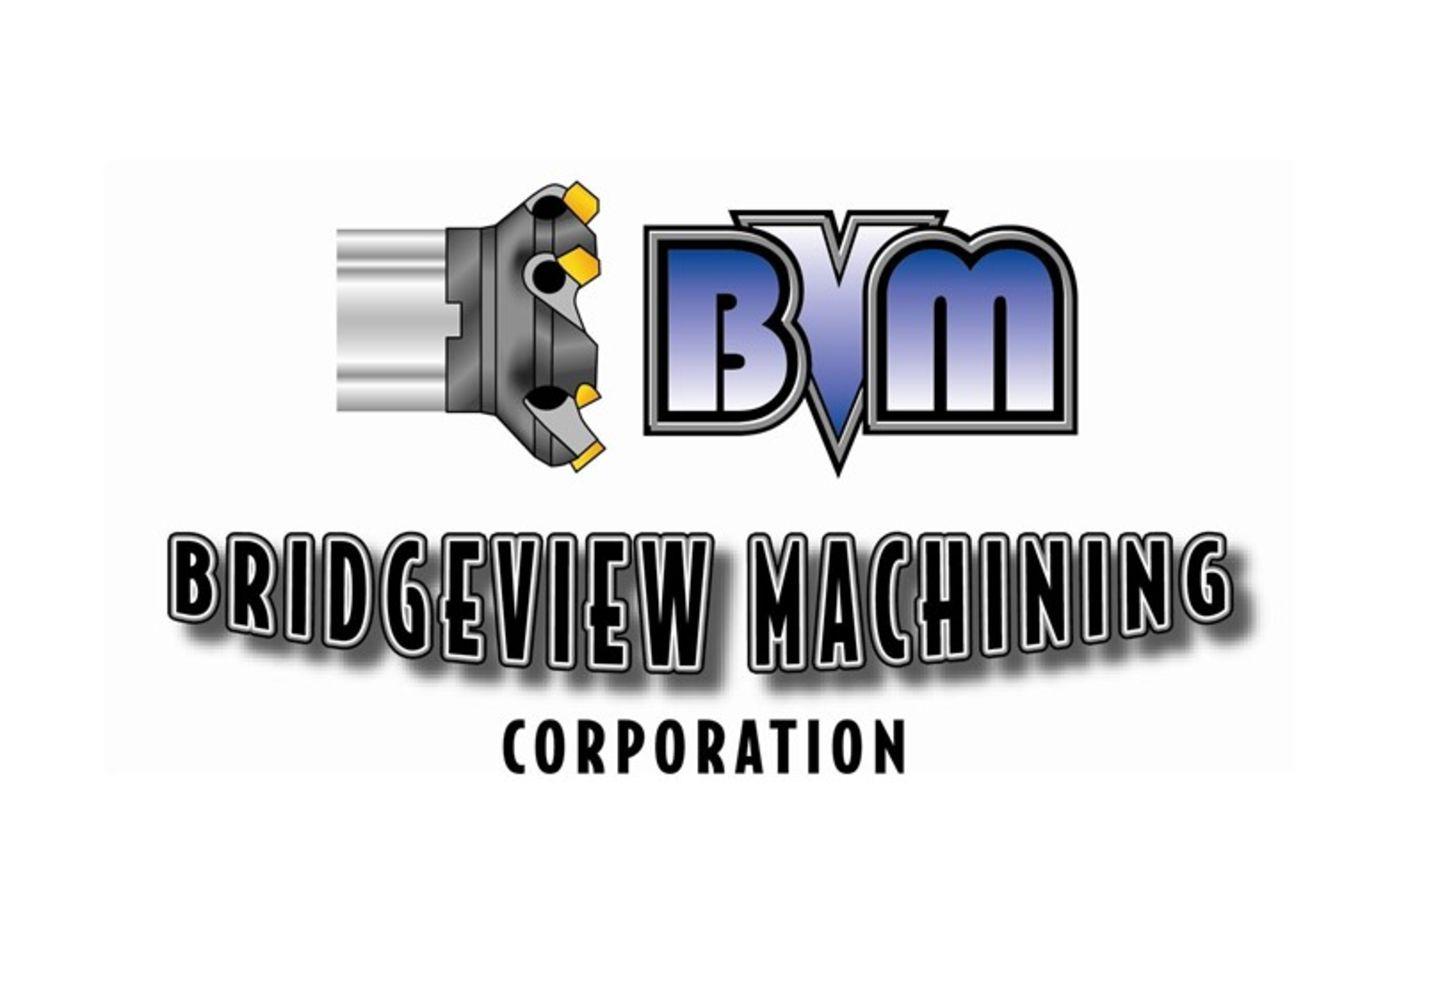 DAY #2 - Bridgeview Machining Corp.